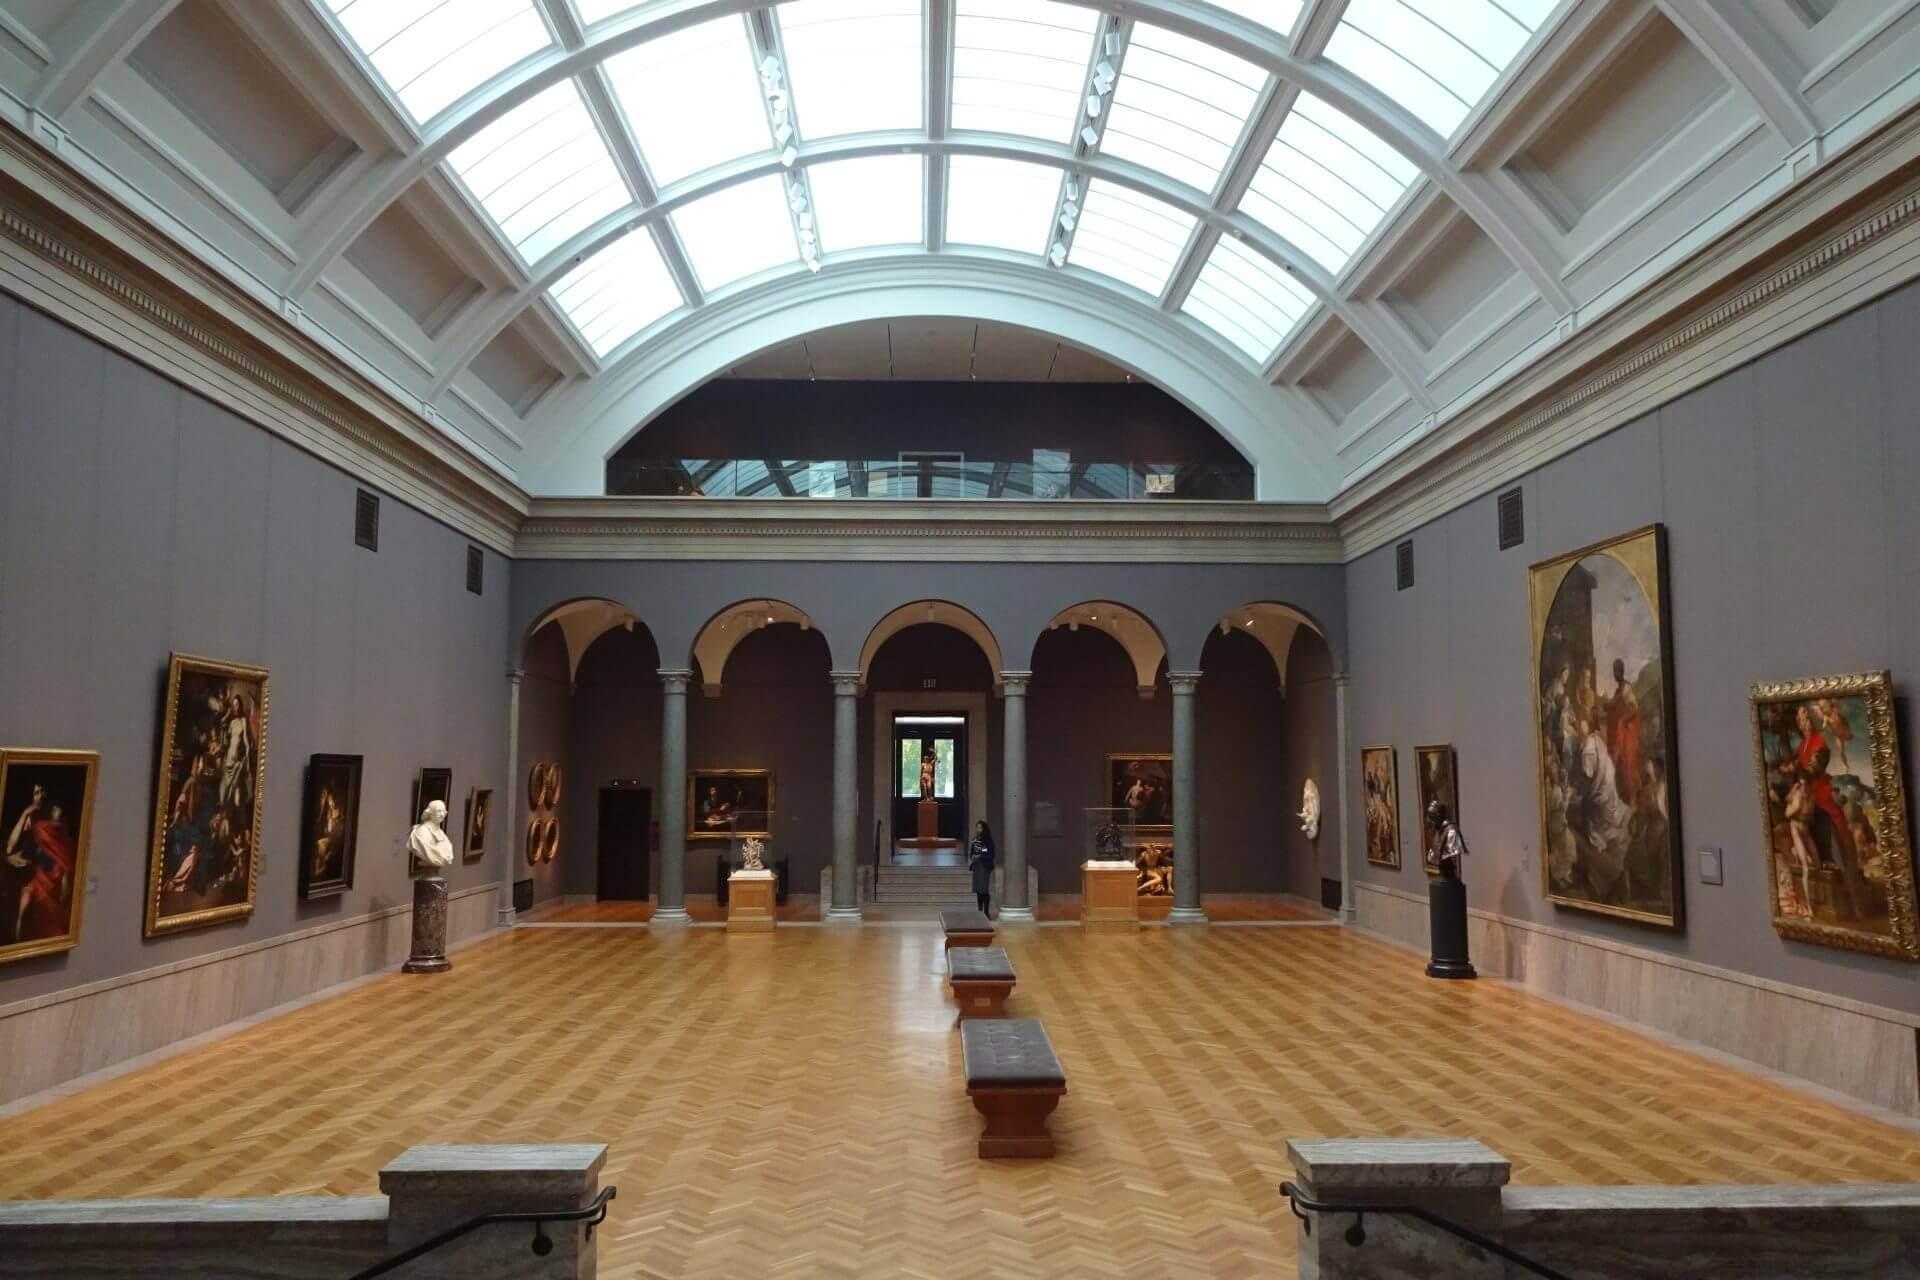 Ausstellungsraum im Cleveland Art Museum. Bilder und Eindrücke aus Cleveland, Ohio, United States.